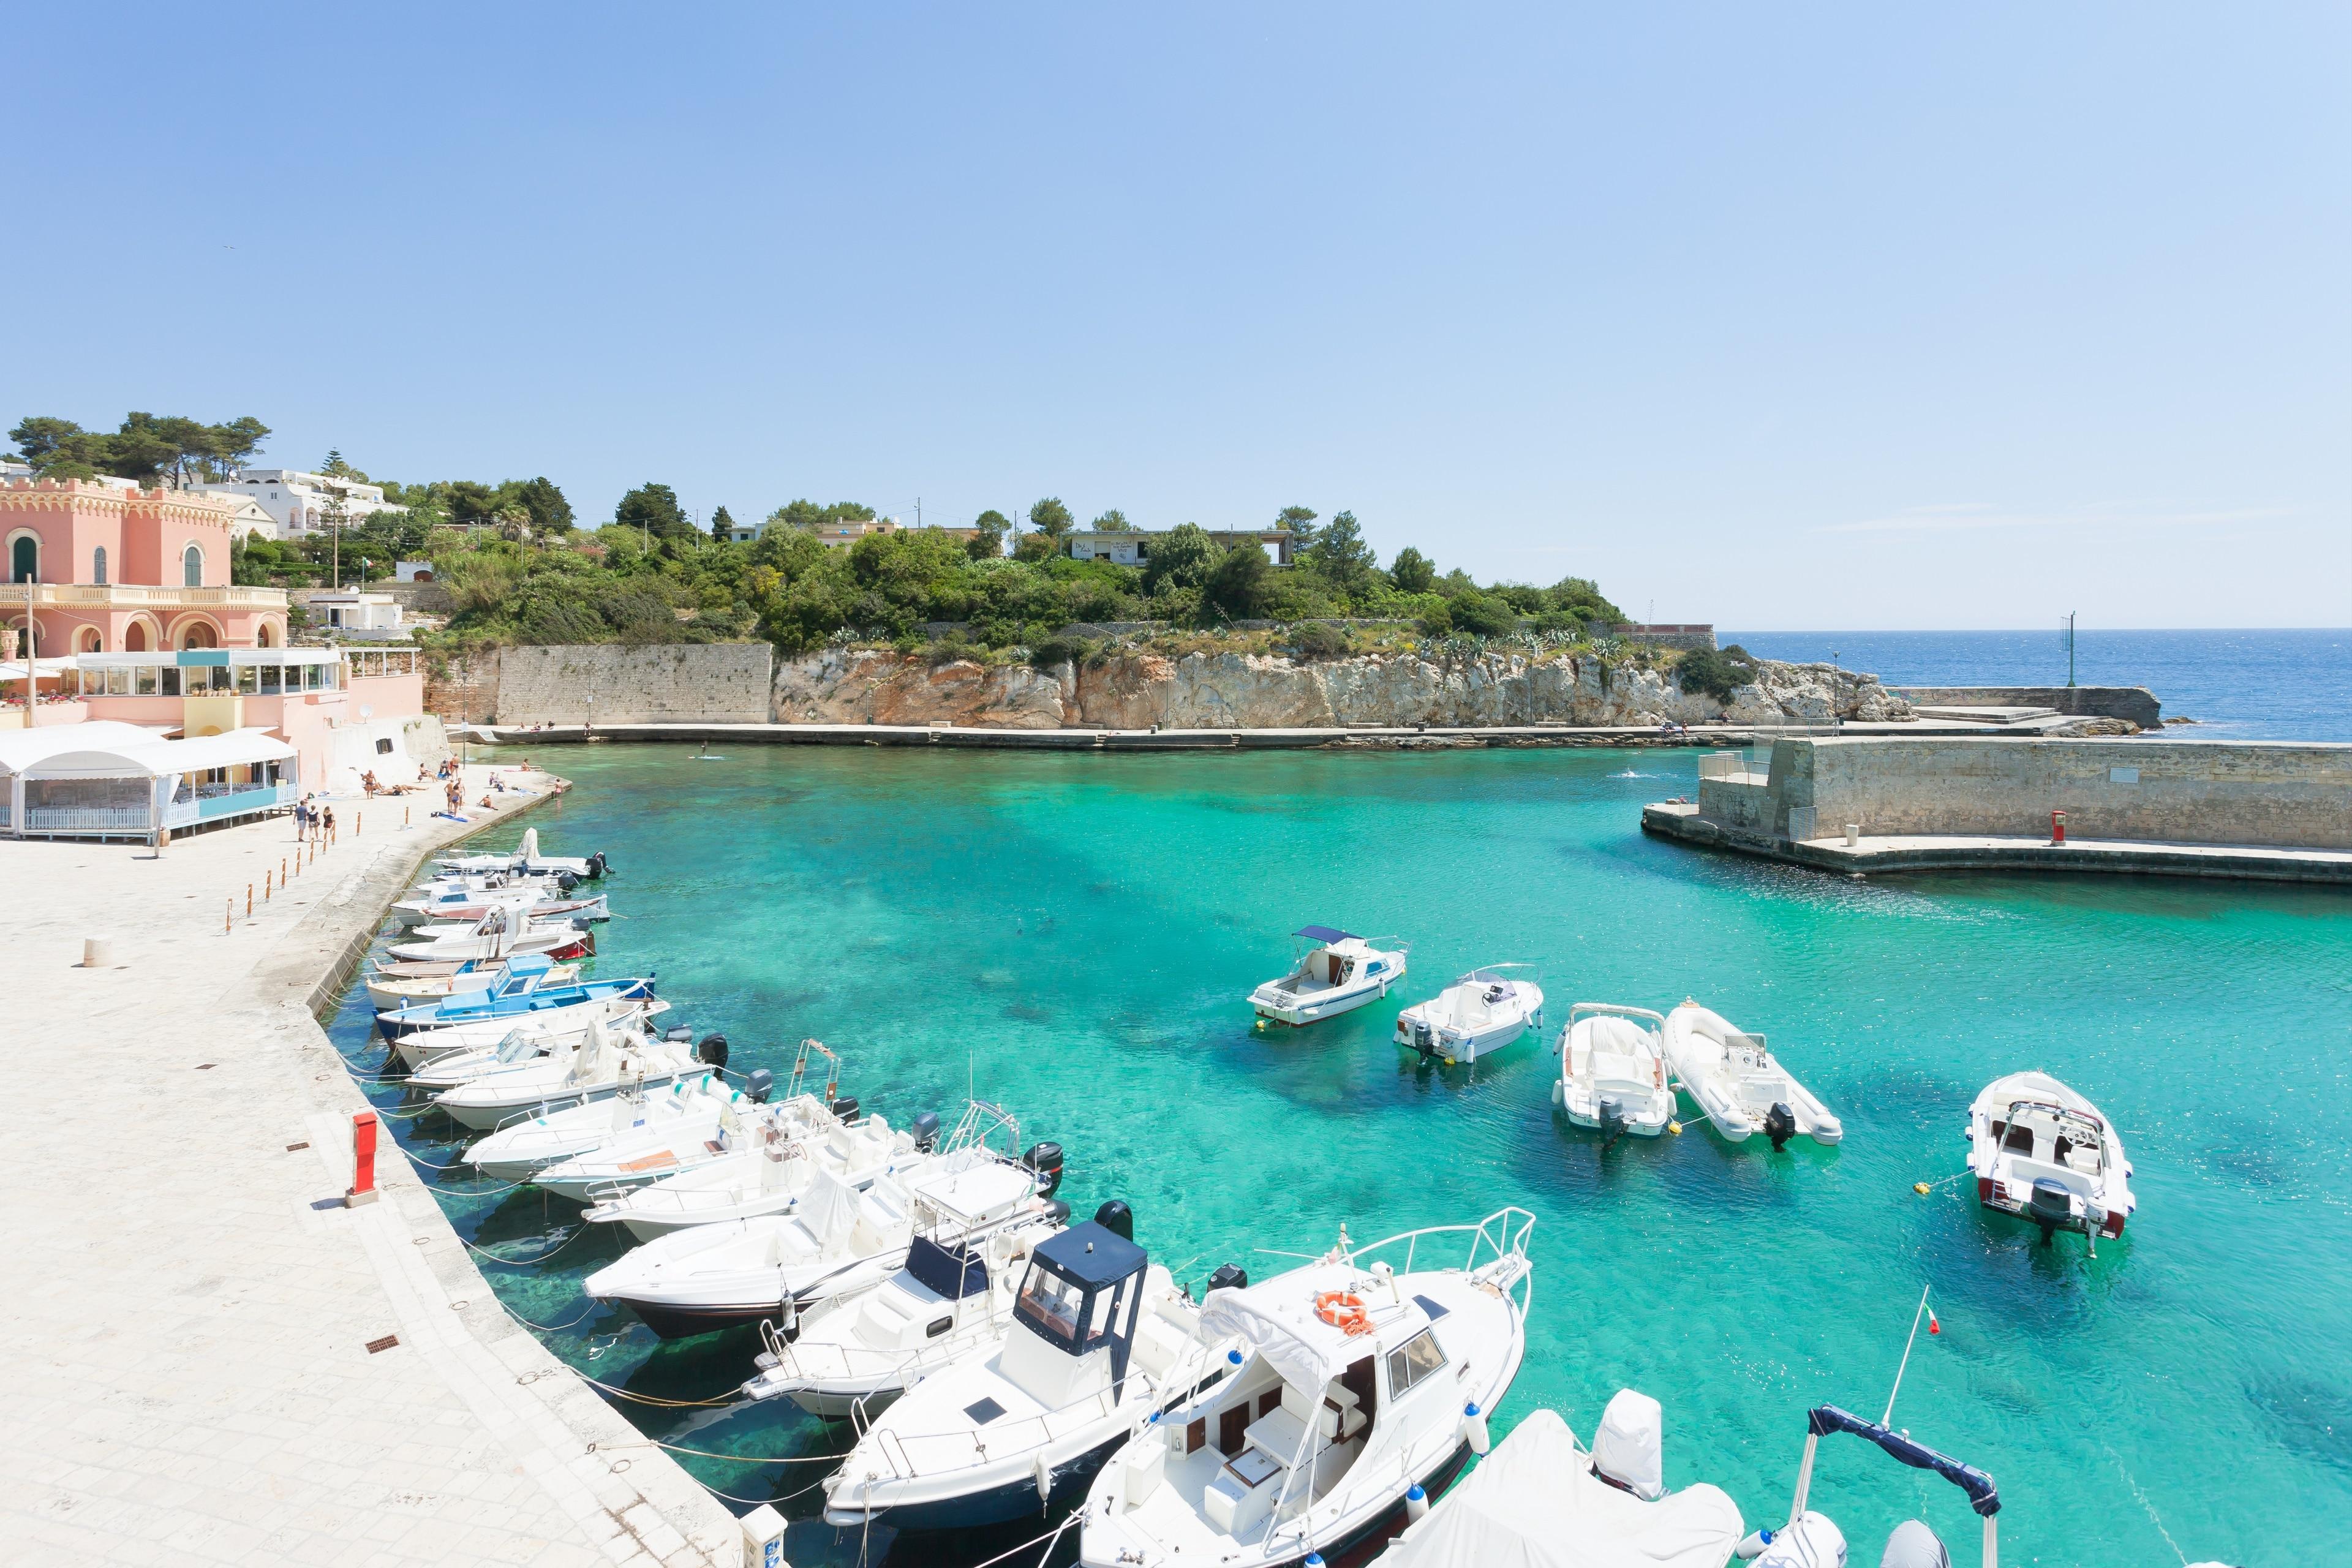 Tricase, Puglia